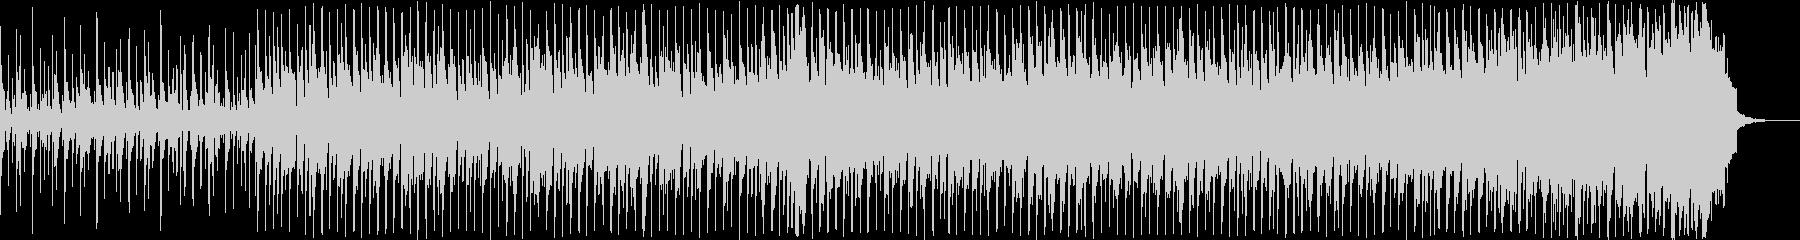 ピアノ、ギター、ベース、ドラム、ス...の未再生の波形